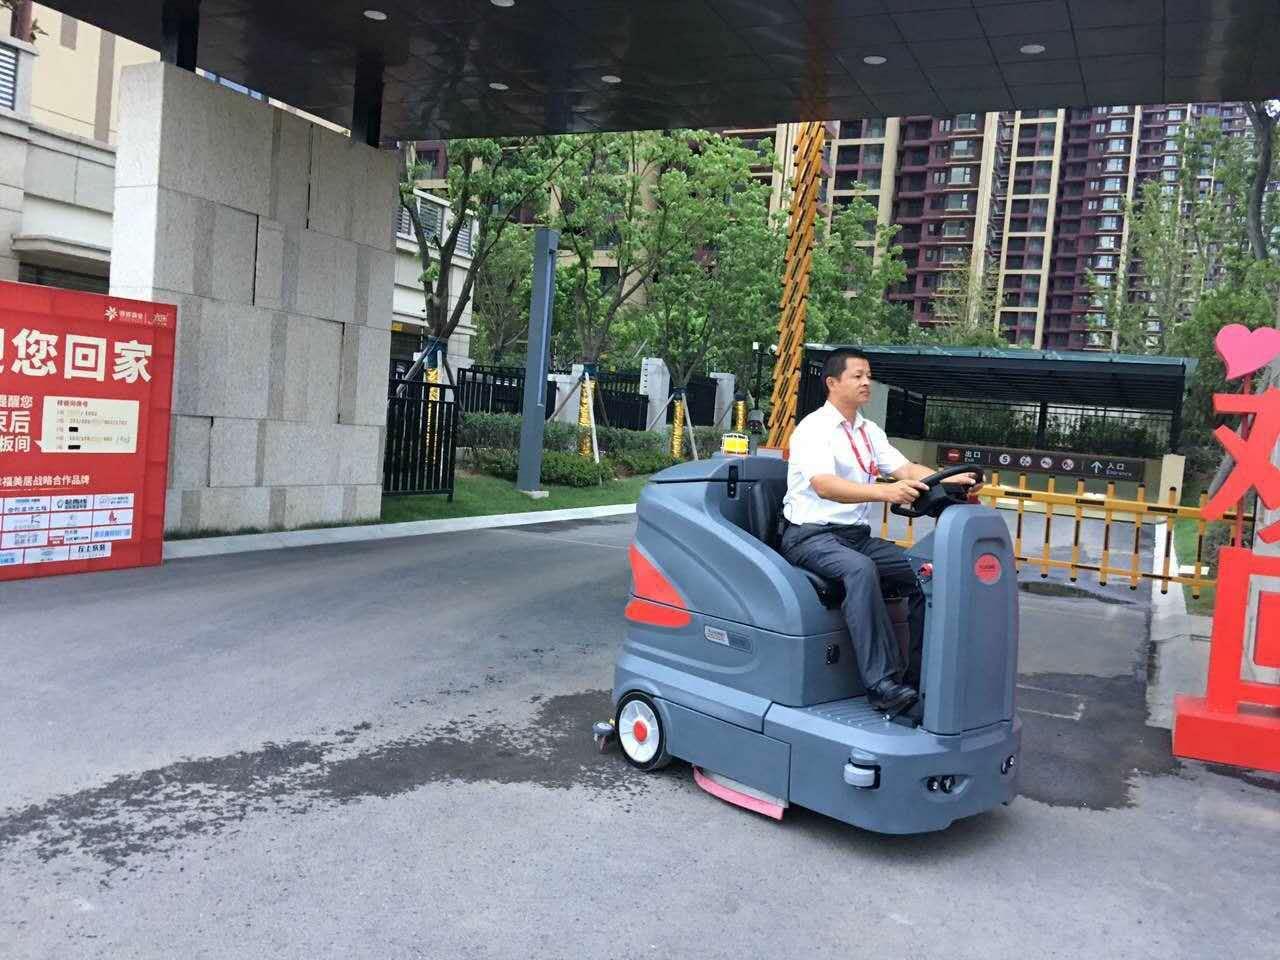 洗地车在未来的竞争力会如何发展.jpg